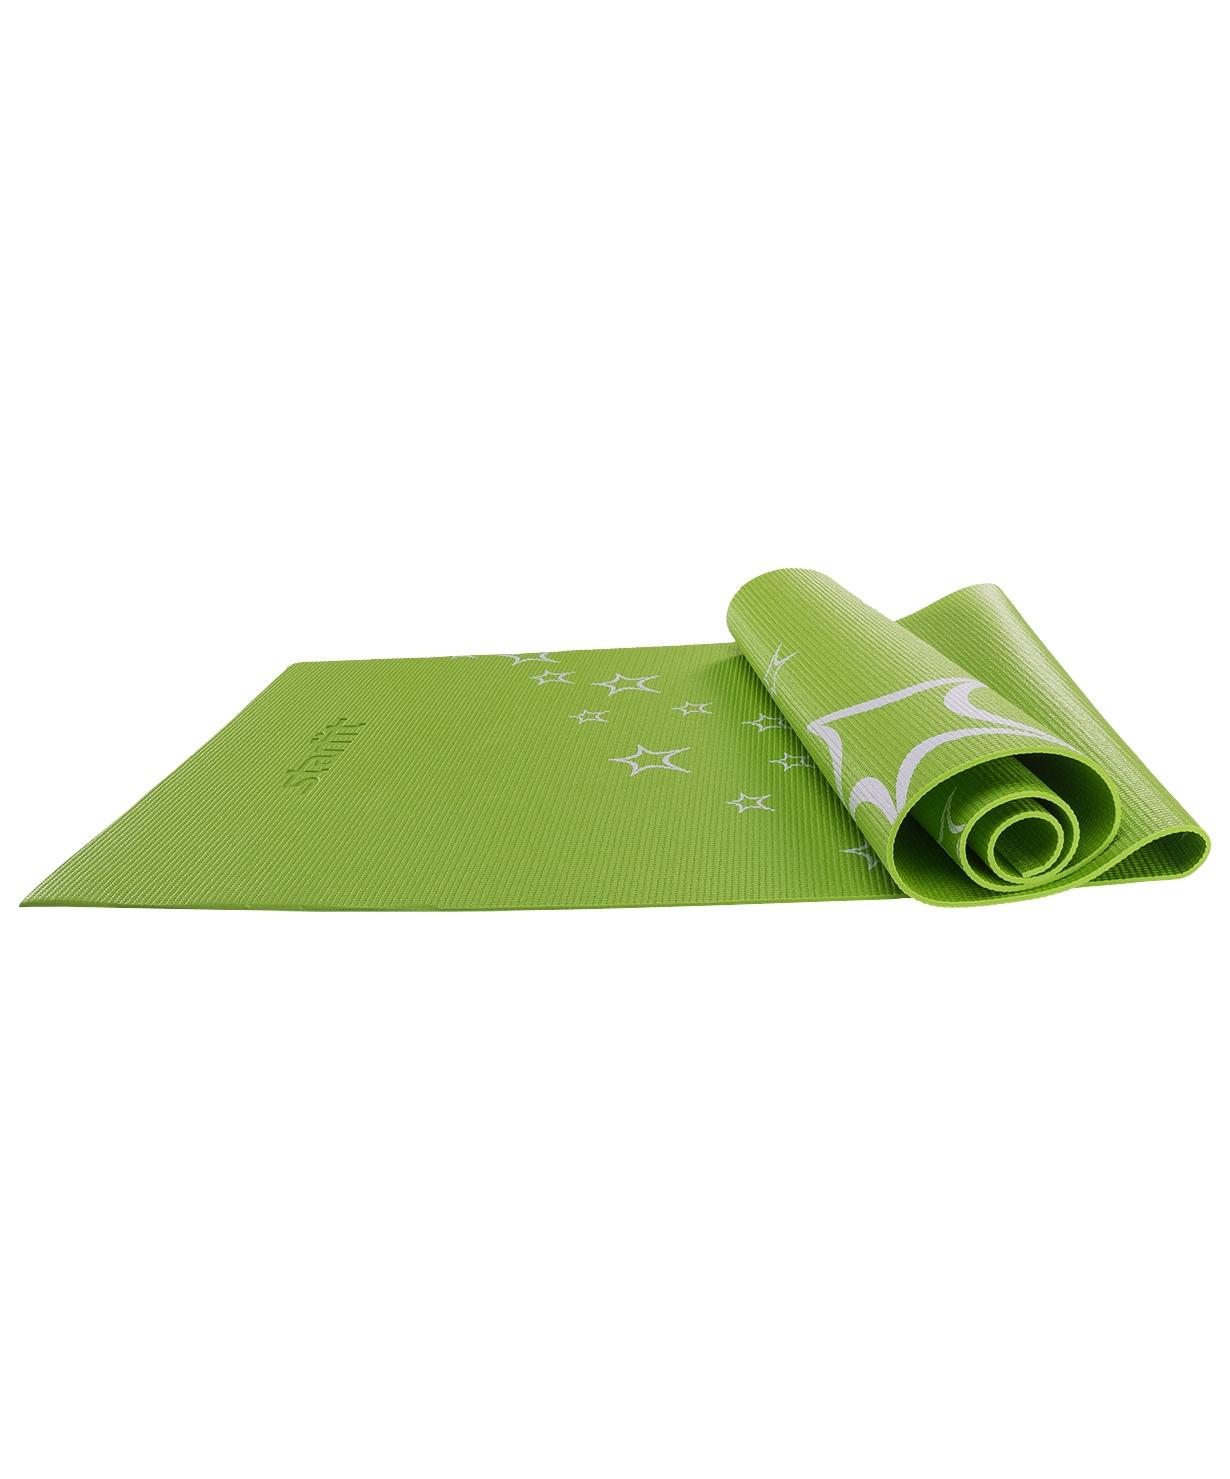 Коврик для йоги STARFIT FM-102 PVC 173x61x0,6 см, с рисунком, зеленый коврик для йоги onerun 495 4807 зеленый 173 х 61 см